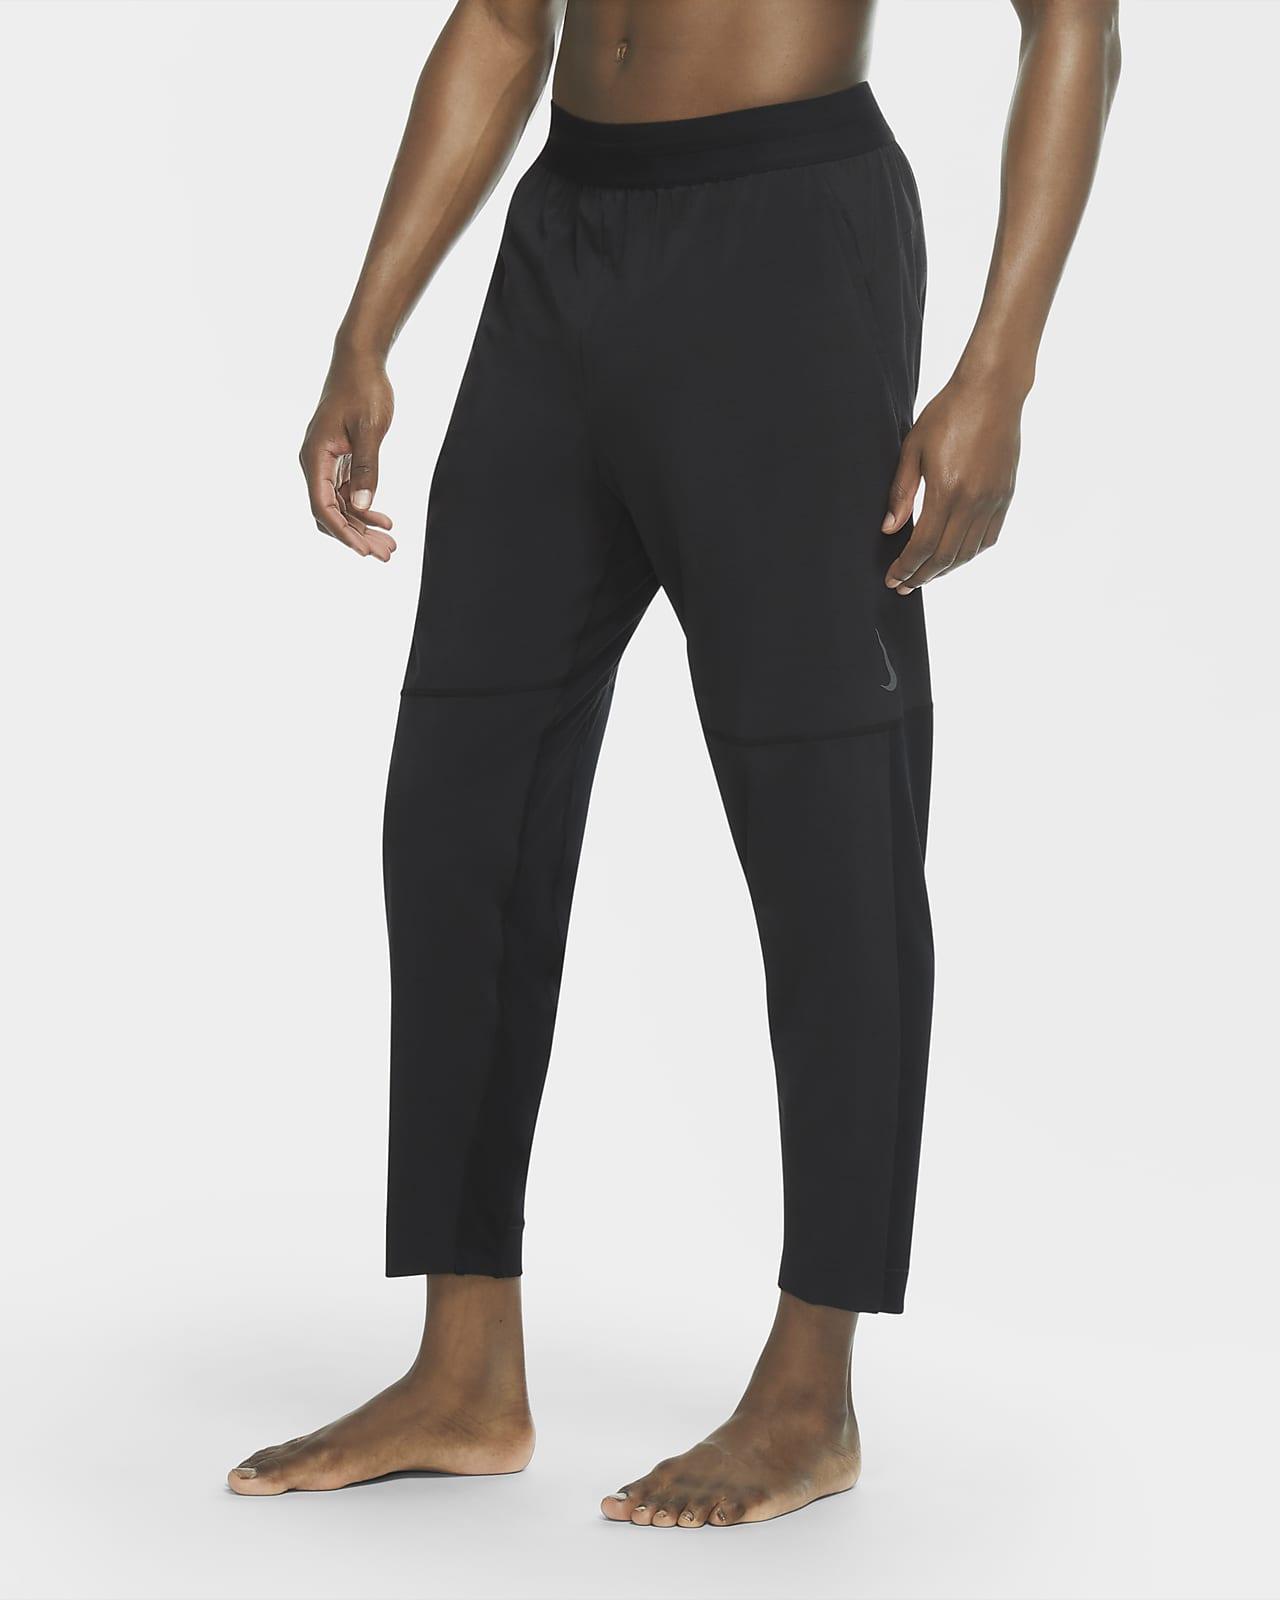 Byxor Nike Yoga för män